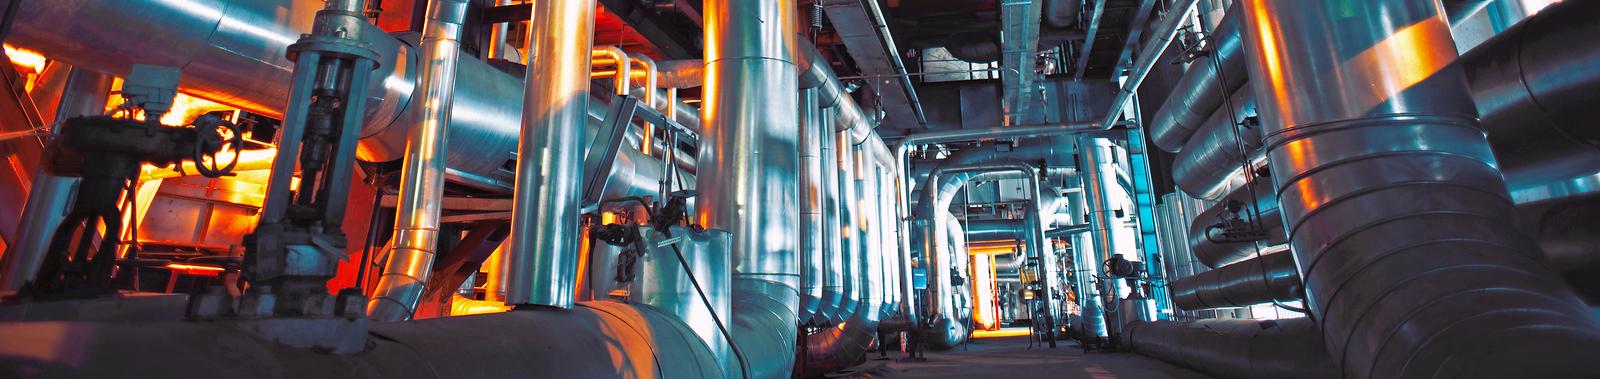 Brenntechnik in der Industrie